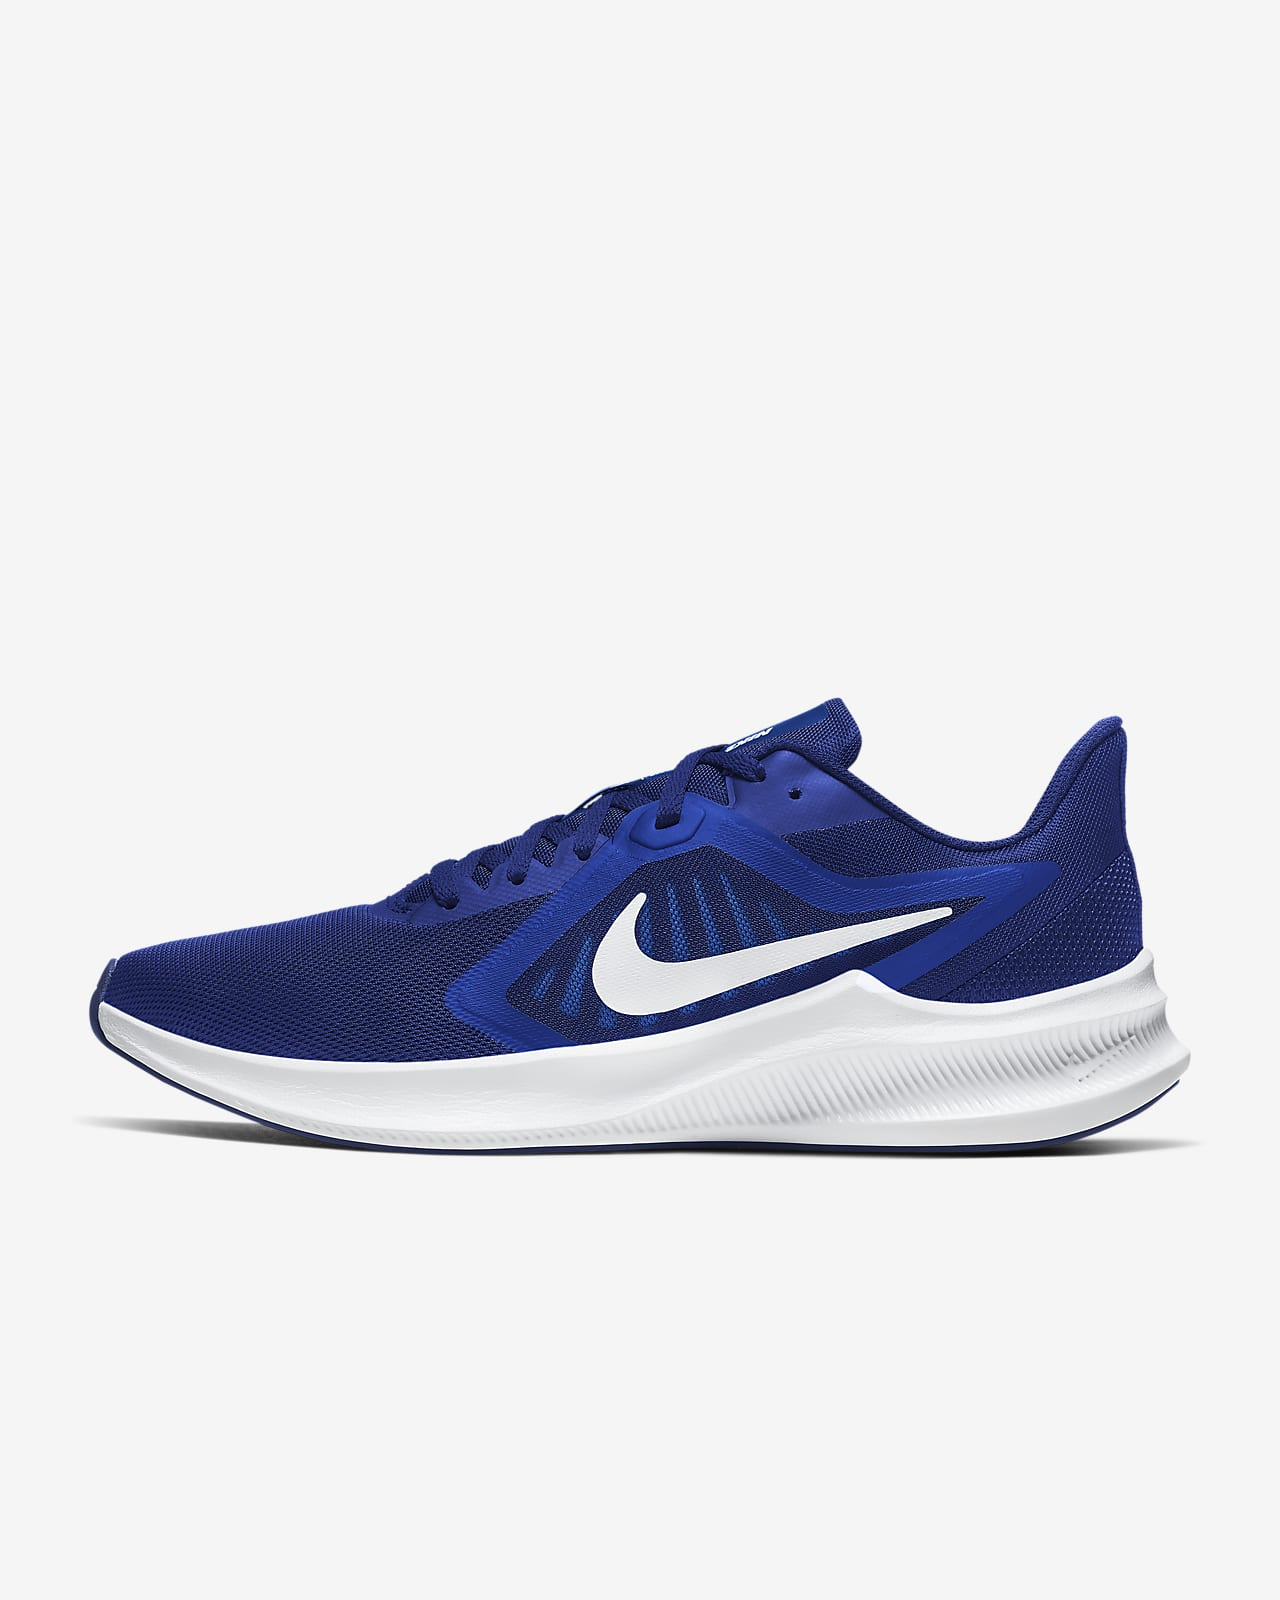 รองเท้าวิ่งผู้ชาย Nike Downshifter 10